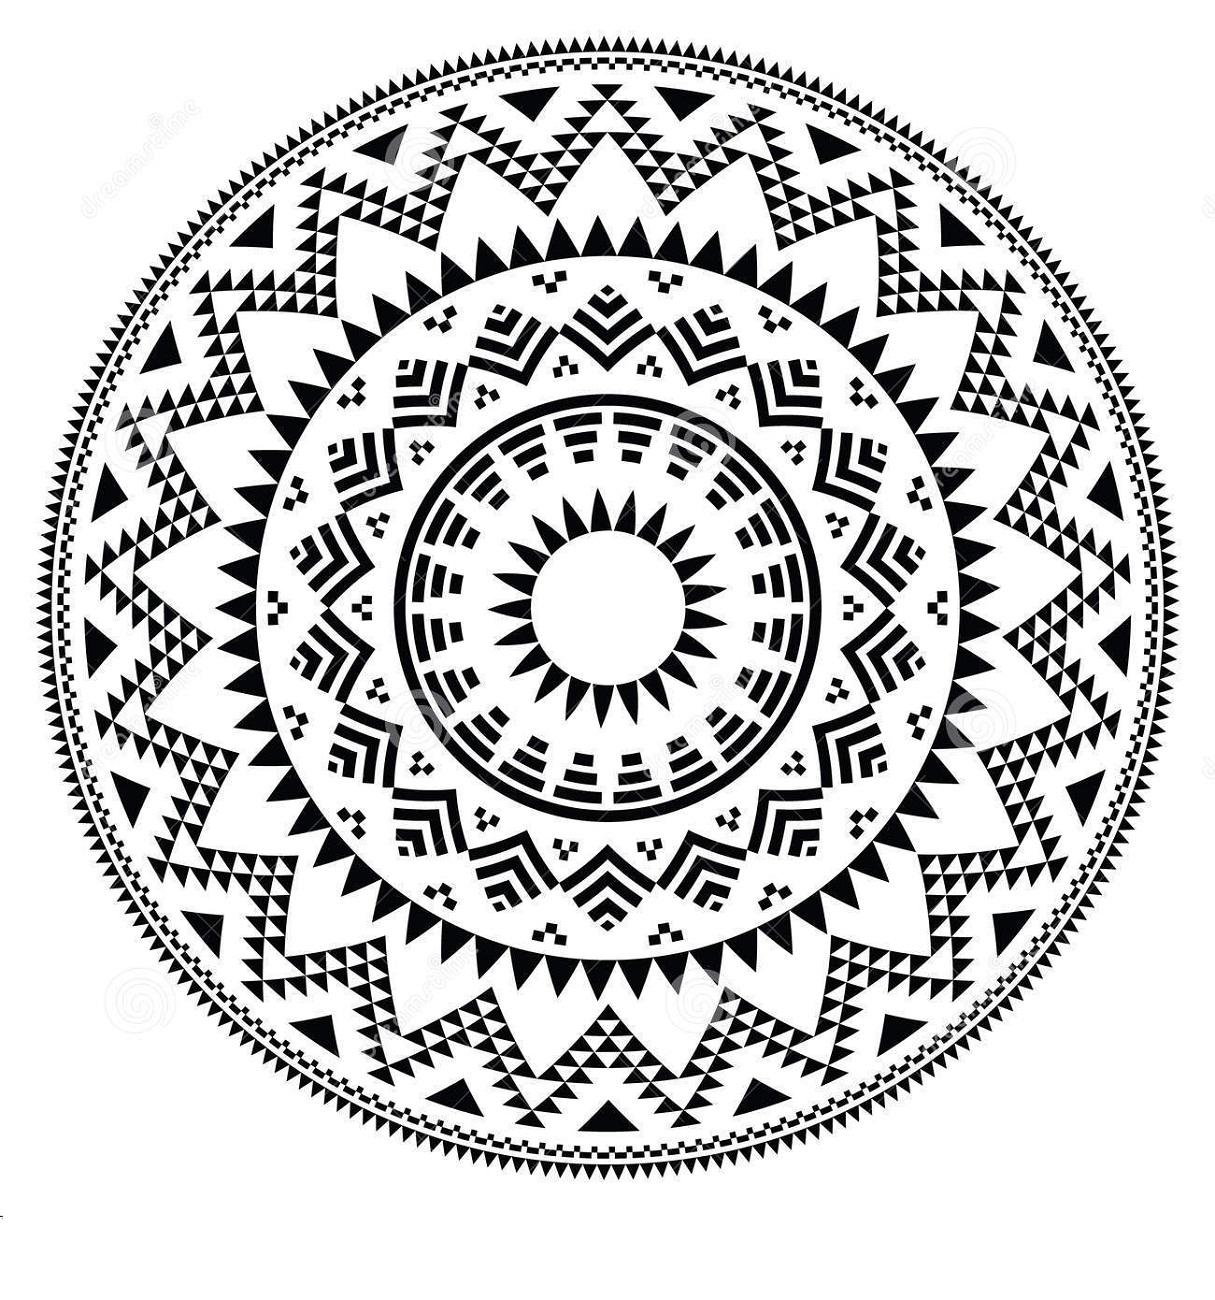 circle-shape-pattern-nice